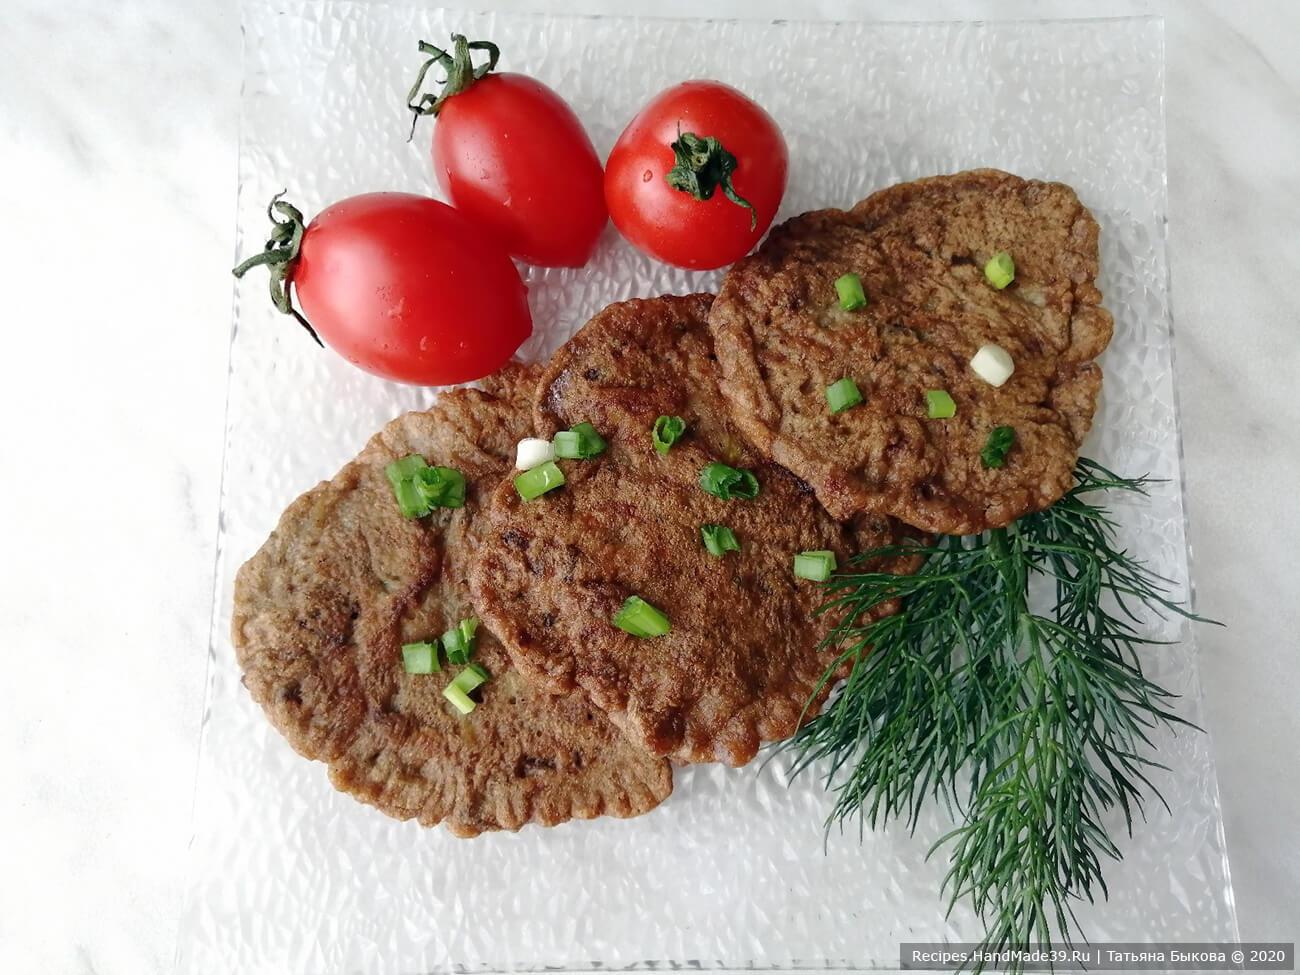 Как приготовить вкусные, сочные печёночные котлетки? Вот хороший рецепт, по нему можно жарить котлеты и из куриной печени, и из говяжьей